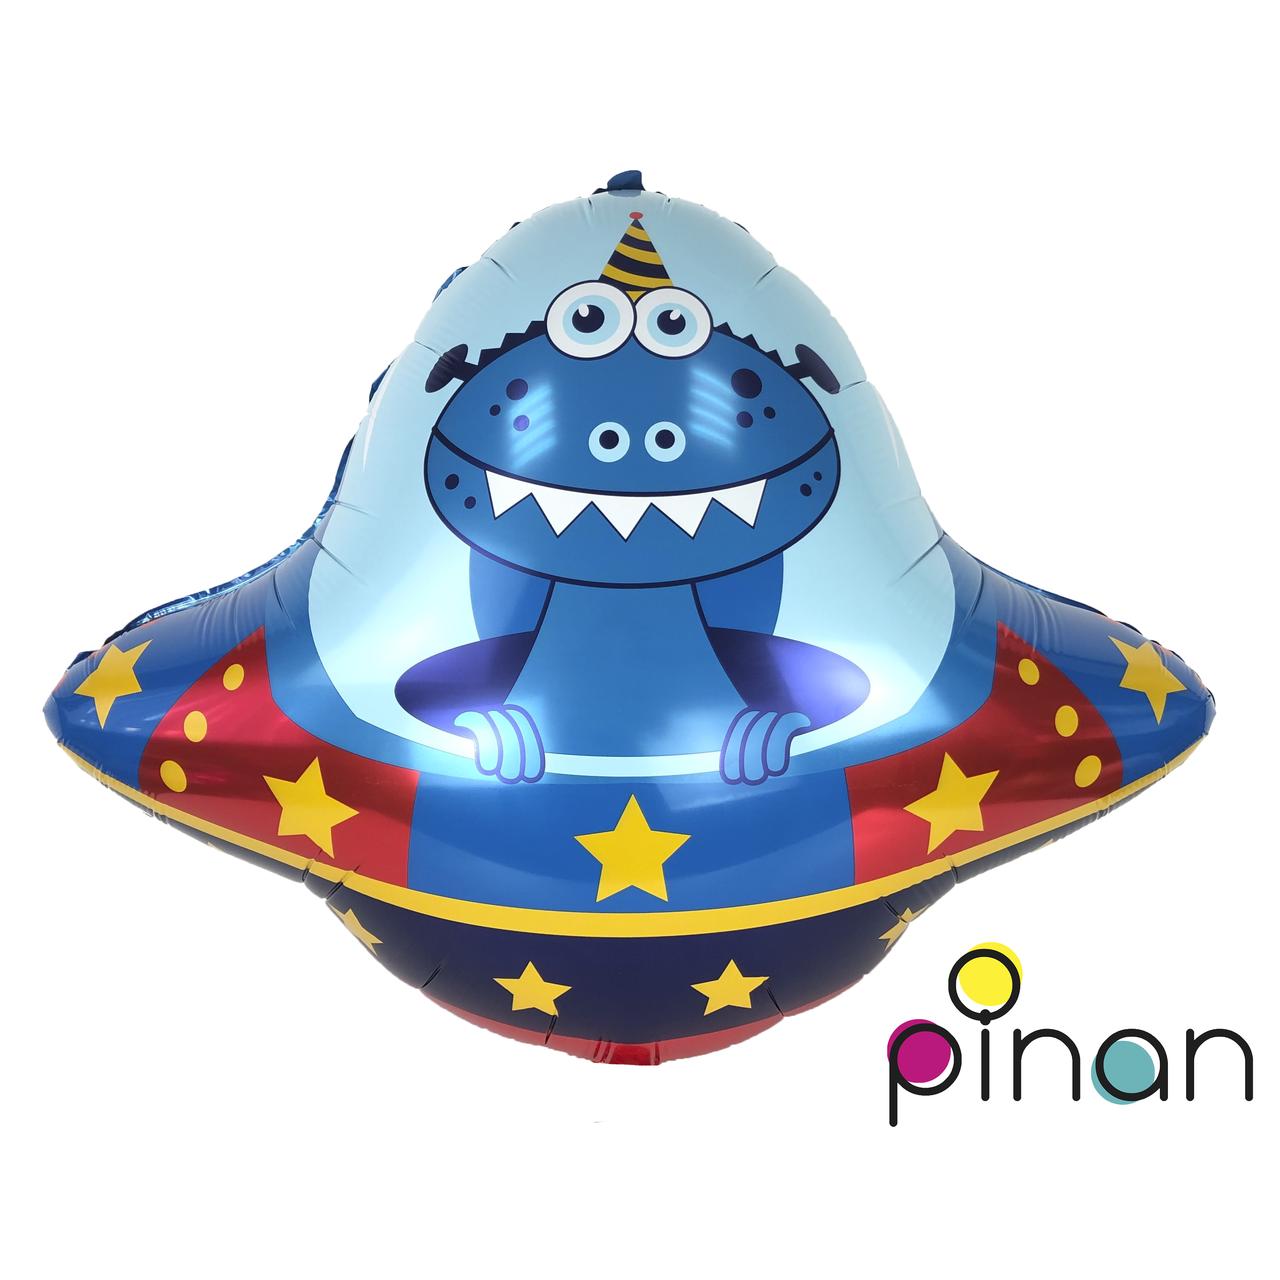 Фольгований куля 35' Pinan Космос Літаюча тарілка в упаковці, 88 см